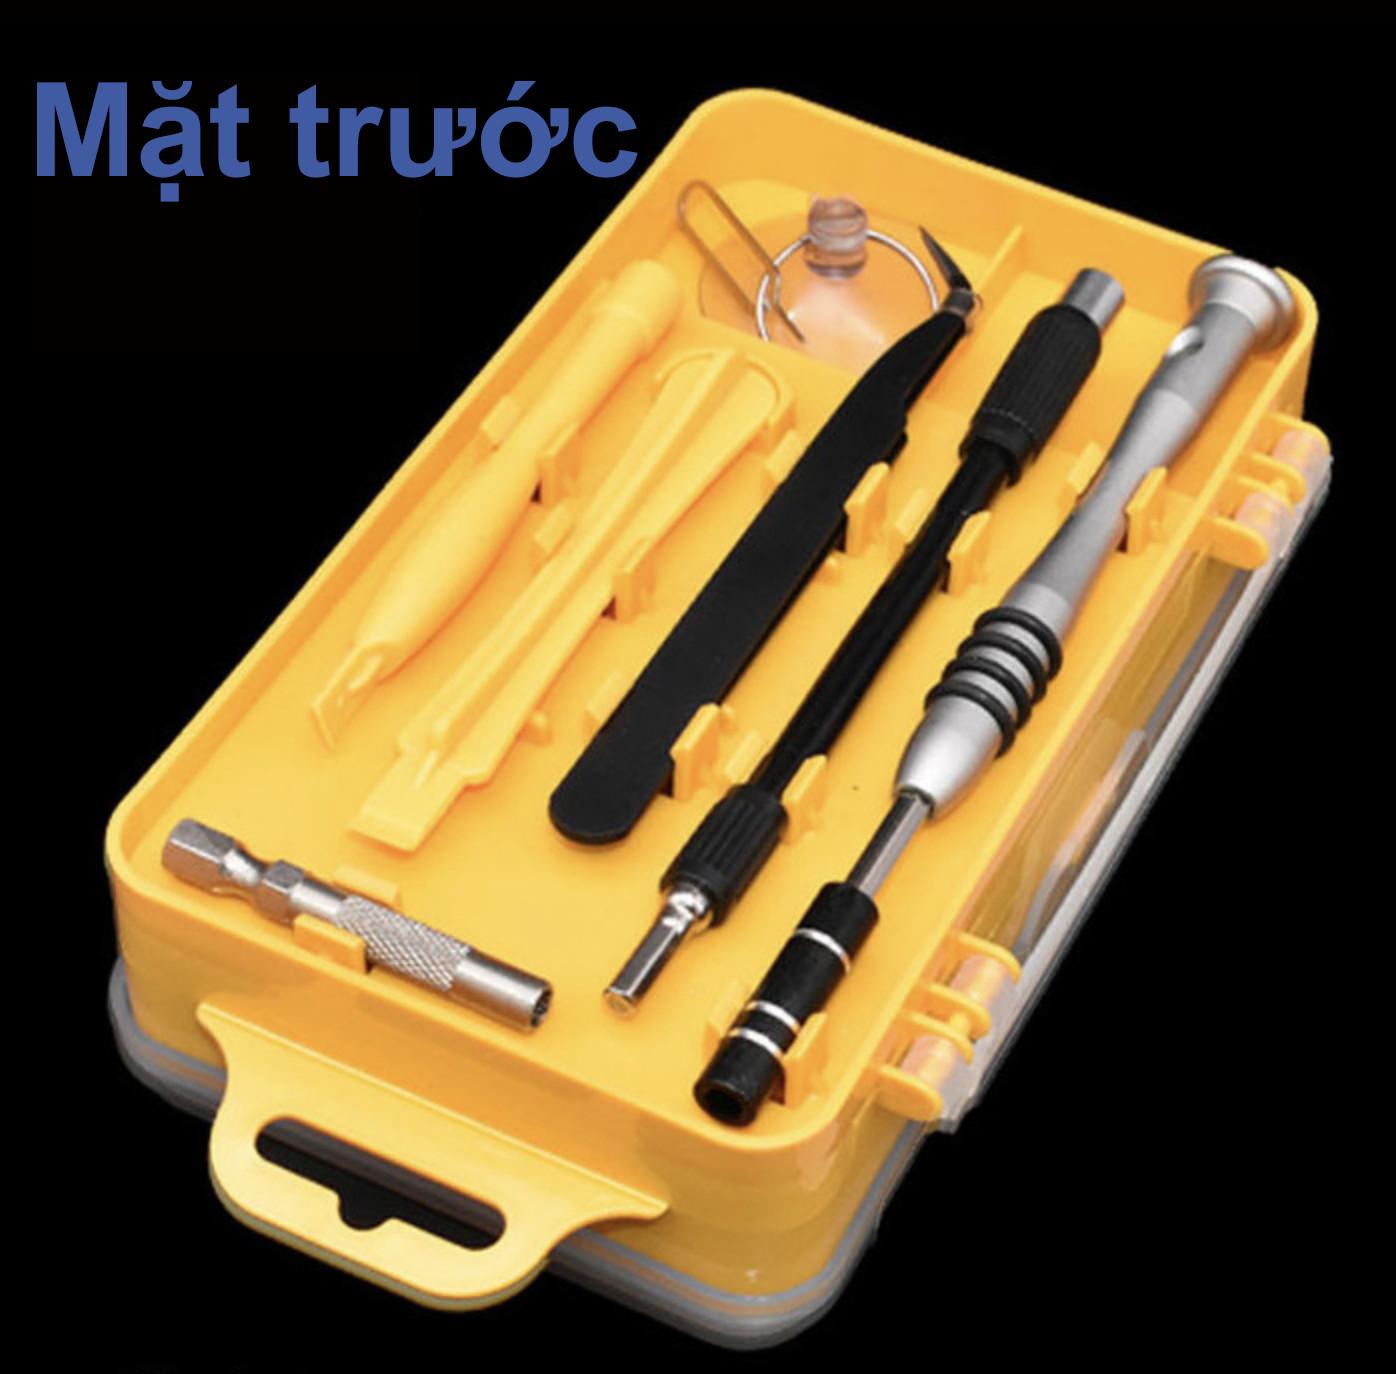 Bộ công cụ tua vít chuyên sửa chữa tháo lắp điện thoại laptop bỏ túi 110 in1 (full 98 đầu vít) - sử dụng tốt cho thiết bị iphone mac xiaomi samsung